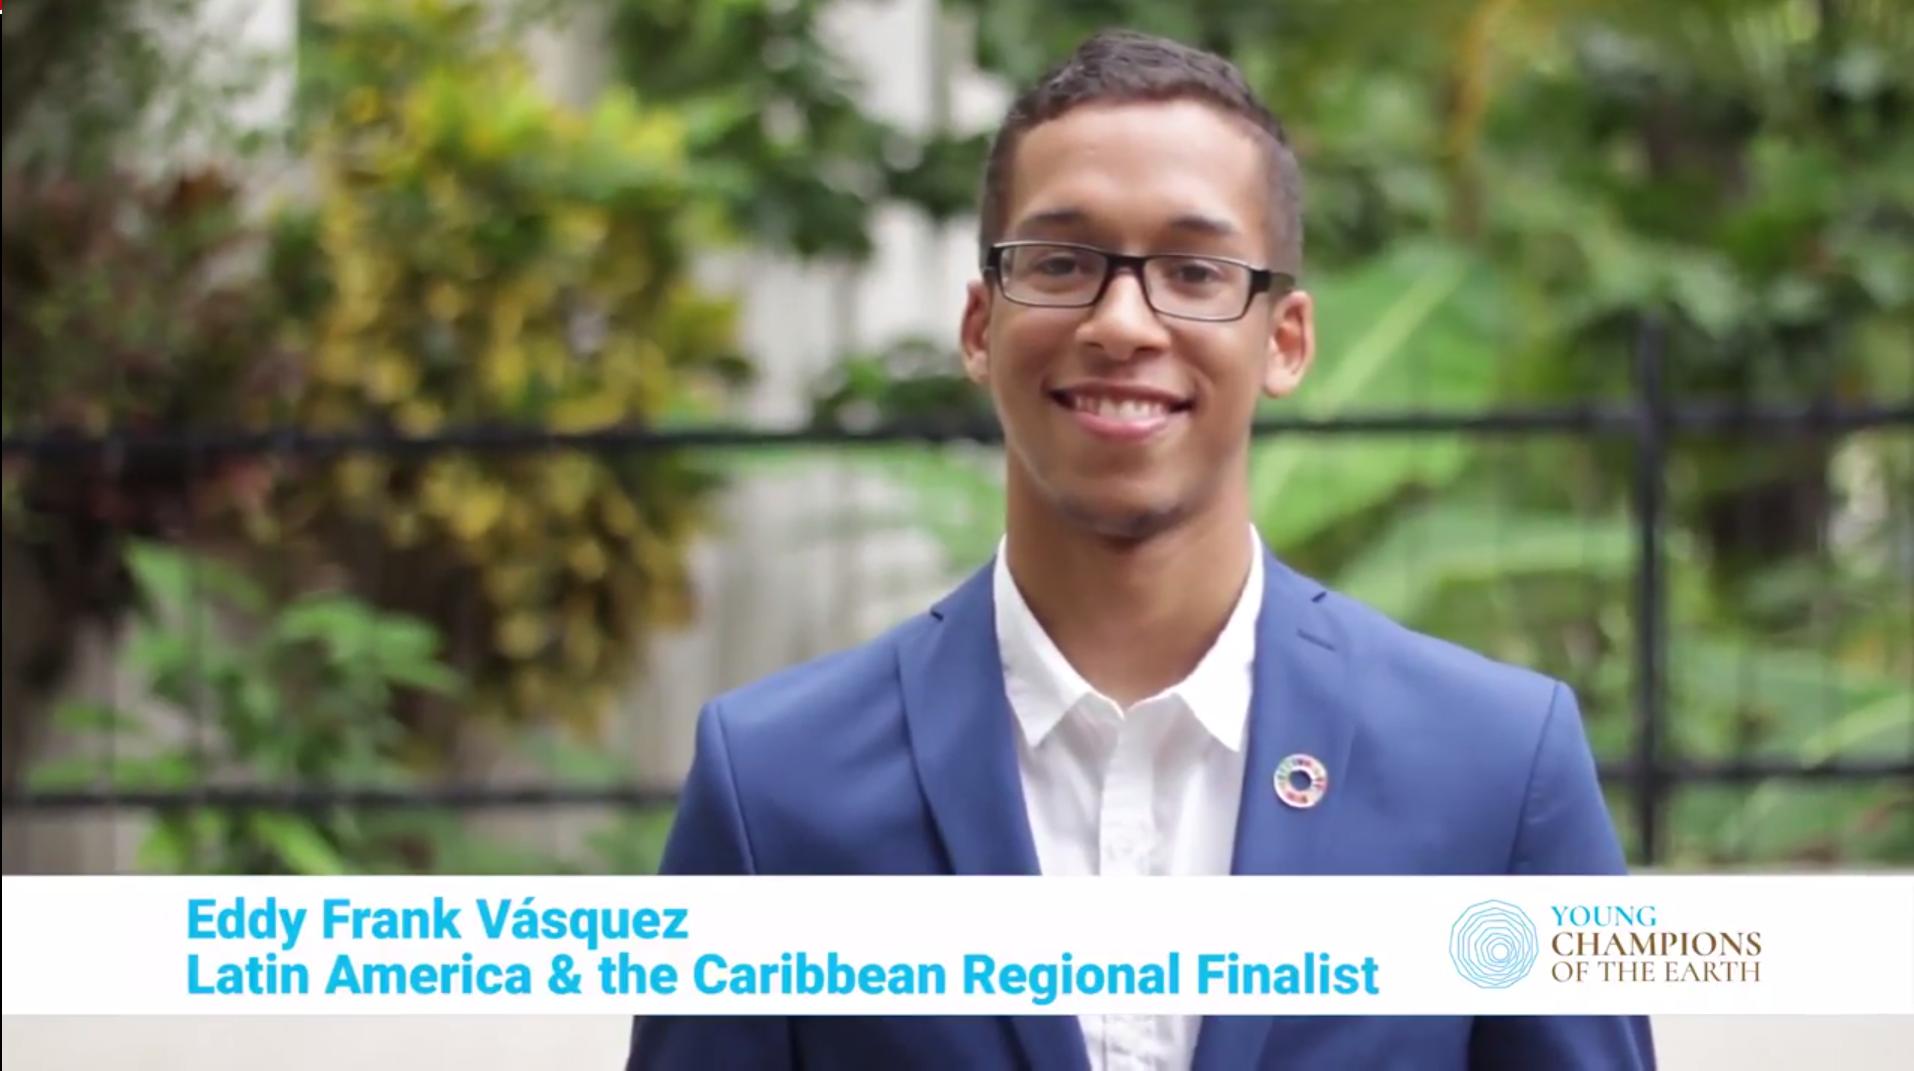 Finalista dominicano en competencia mundial de las Naciones Unidas